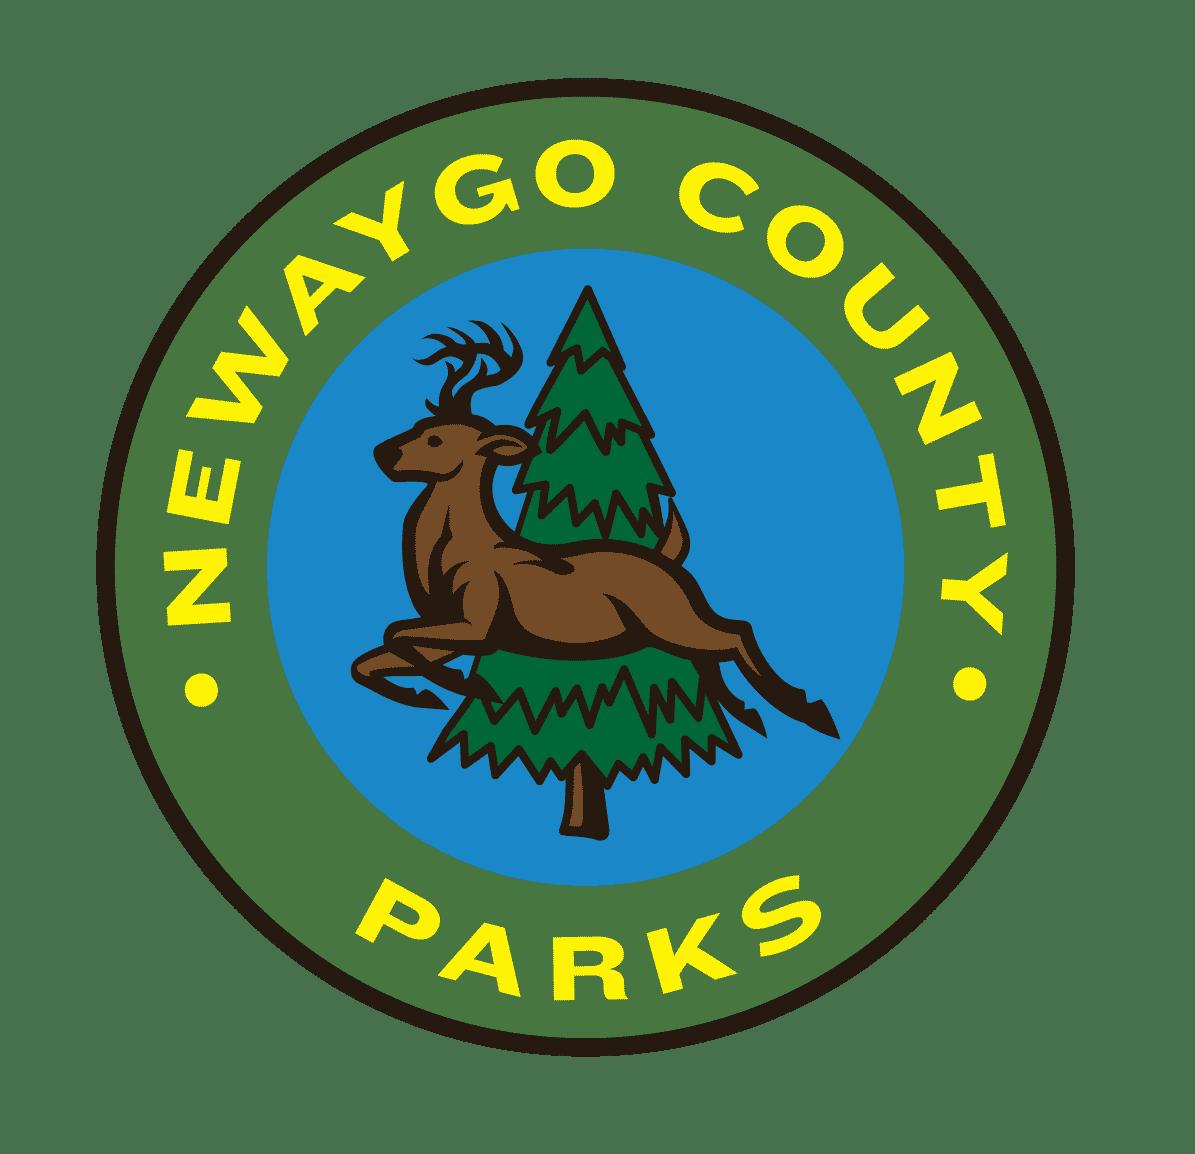 Newaygo County Parks logo